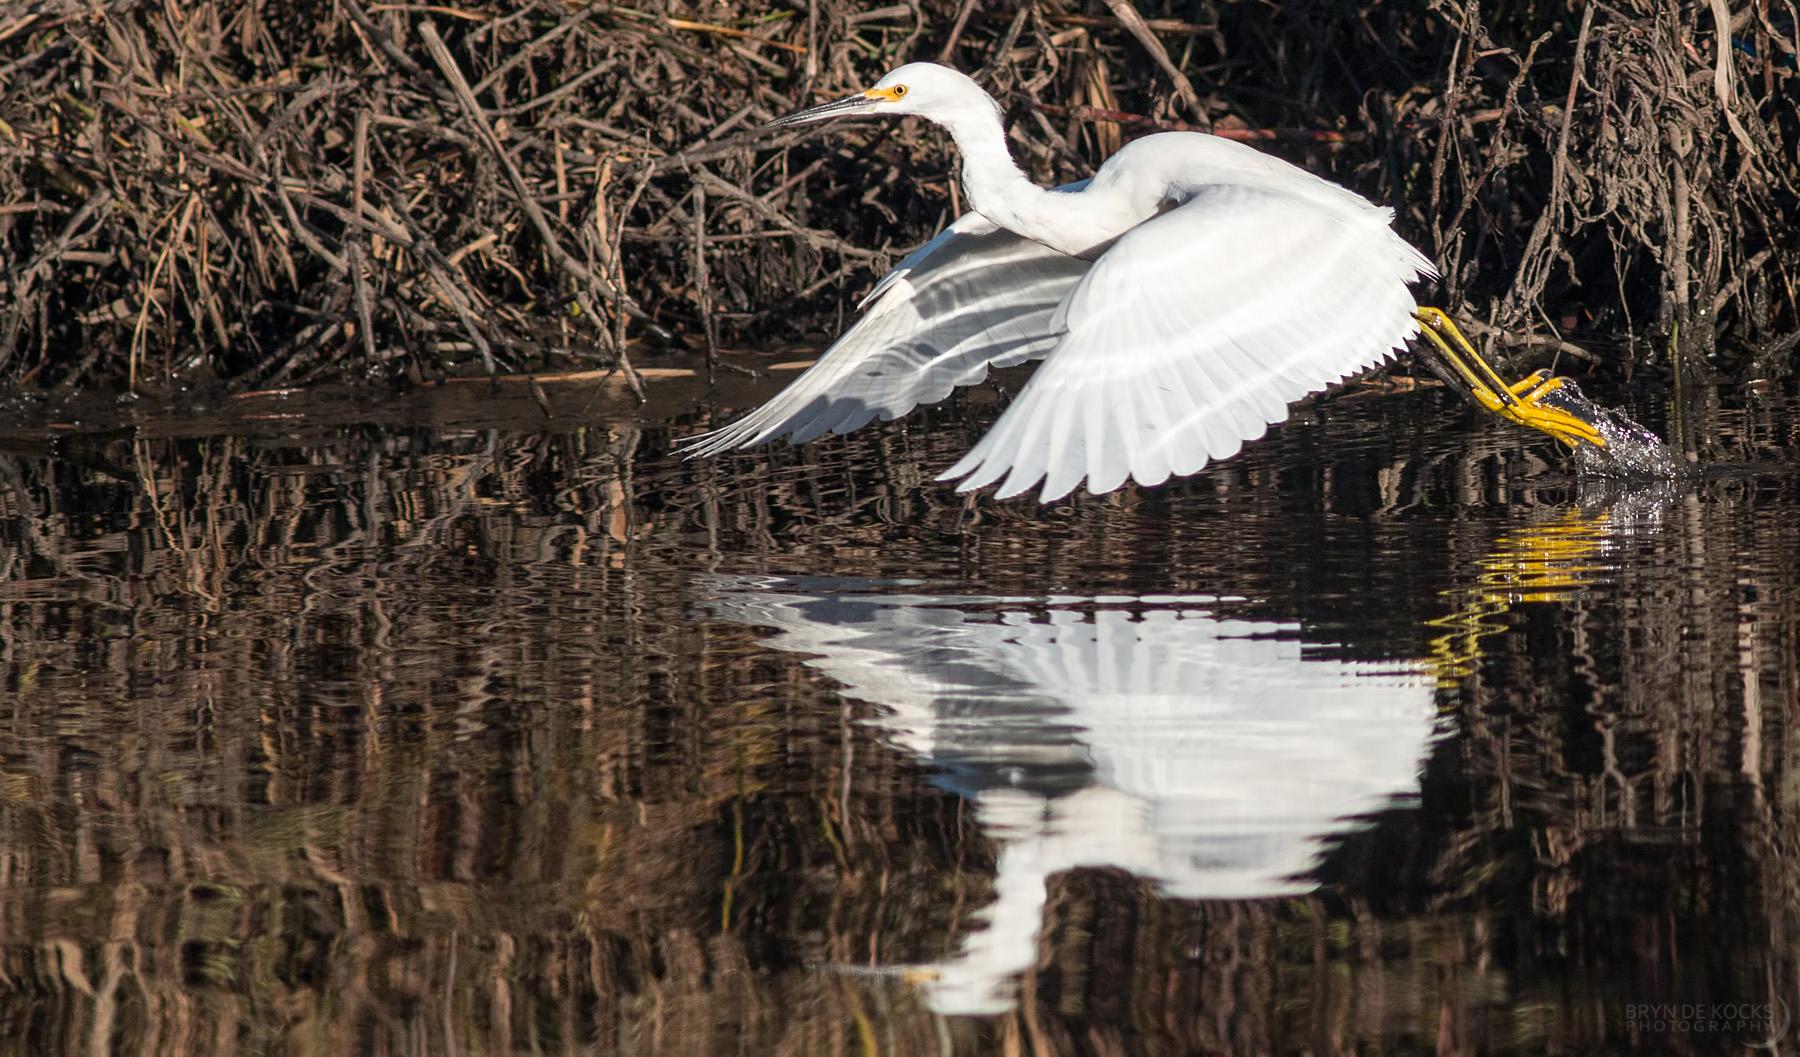 egret-snowy-cape-town